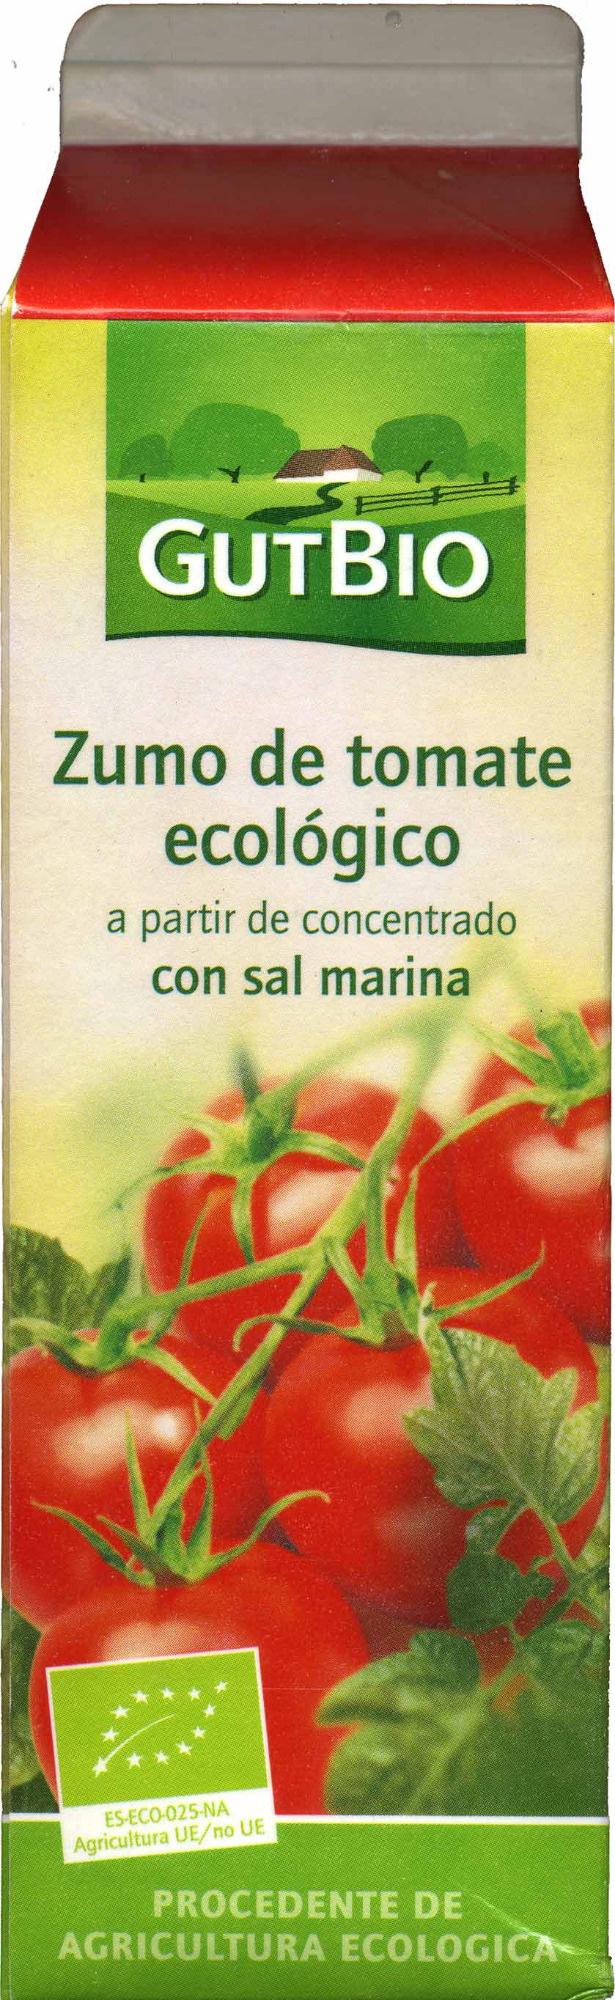 Zumo de tomate - Producte - es